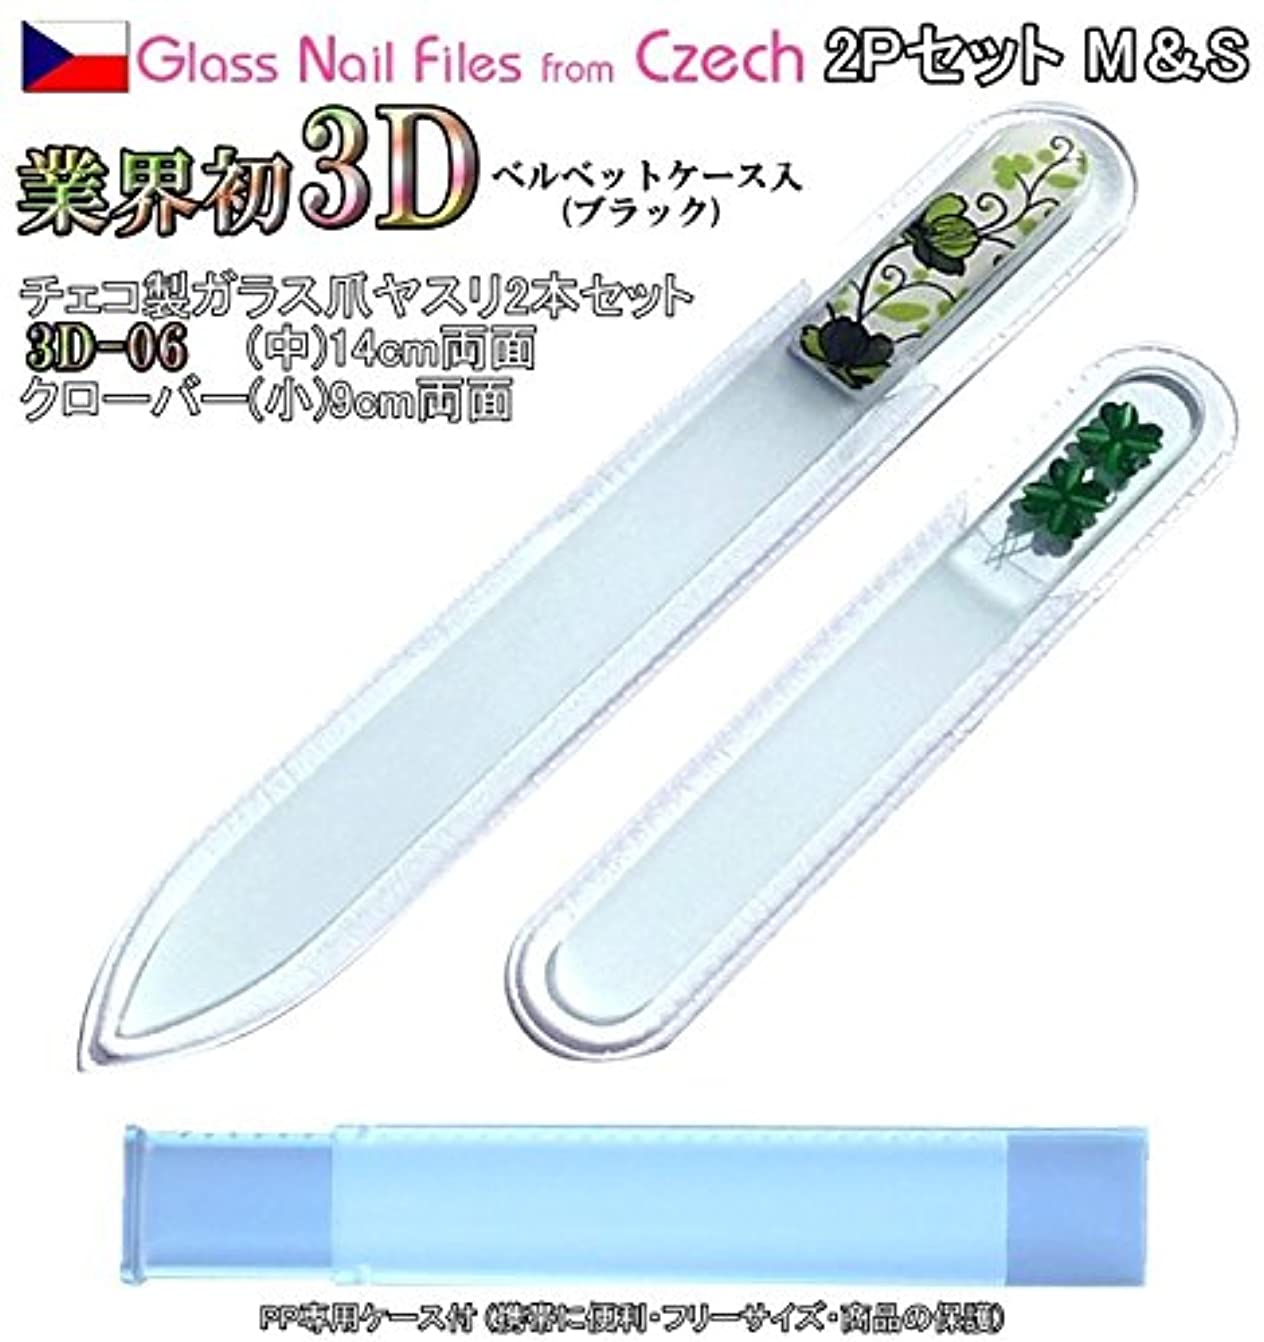 反逆者お父さん分析BISON 3D チェコ製ガラス爪ヤスリ 2Pセット M06&Sクローバー各両面仕上げ ?専用ケース付